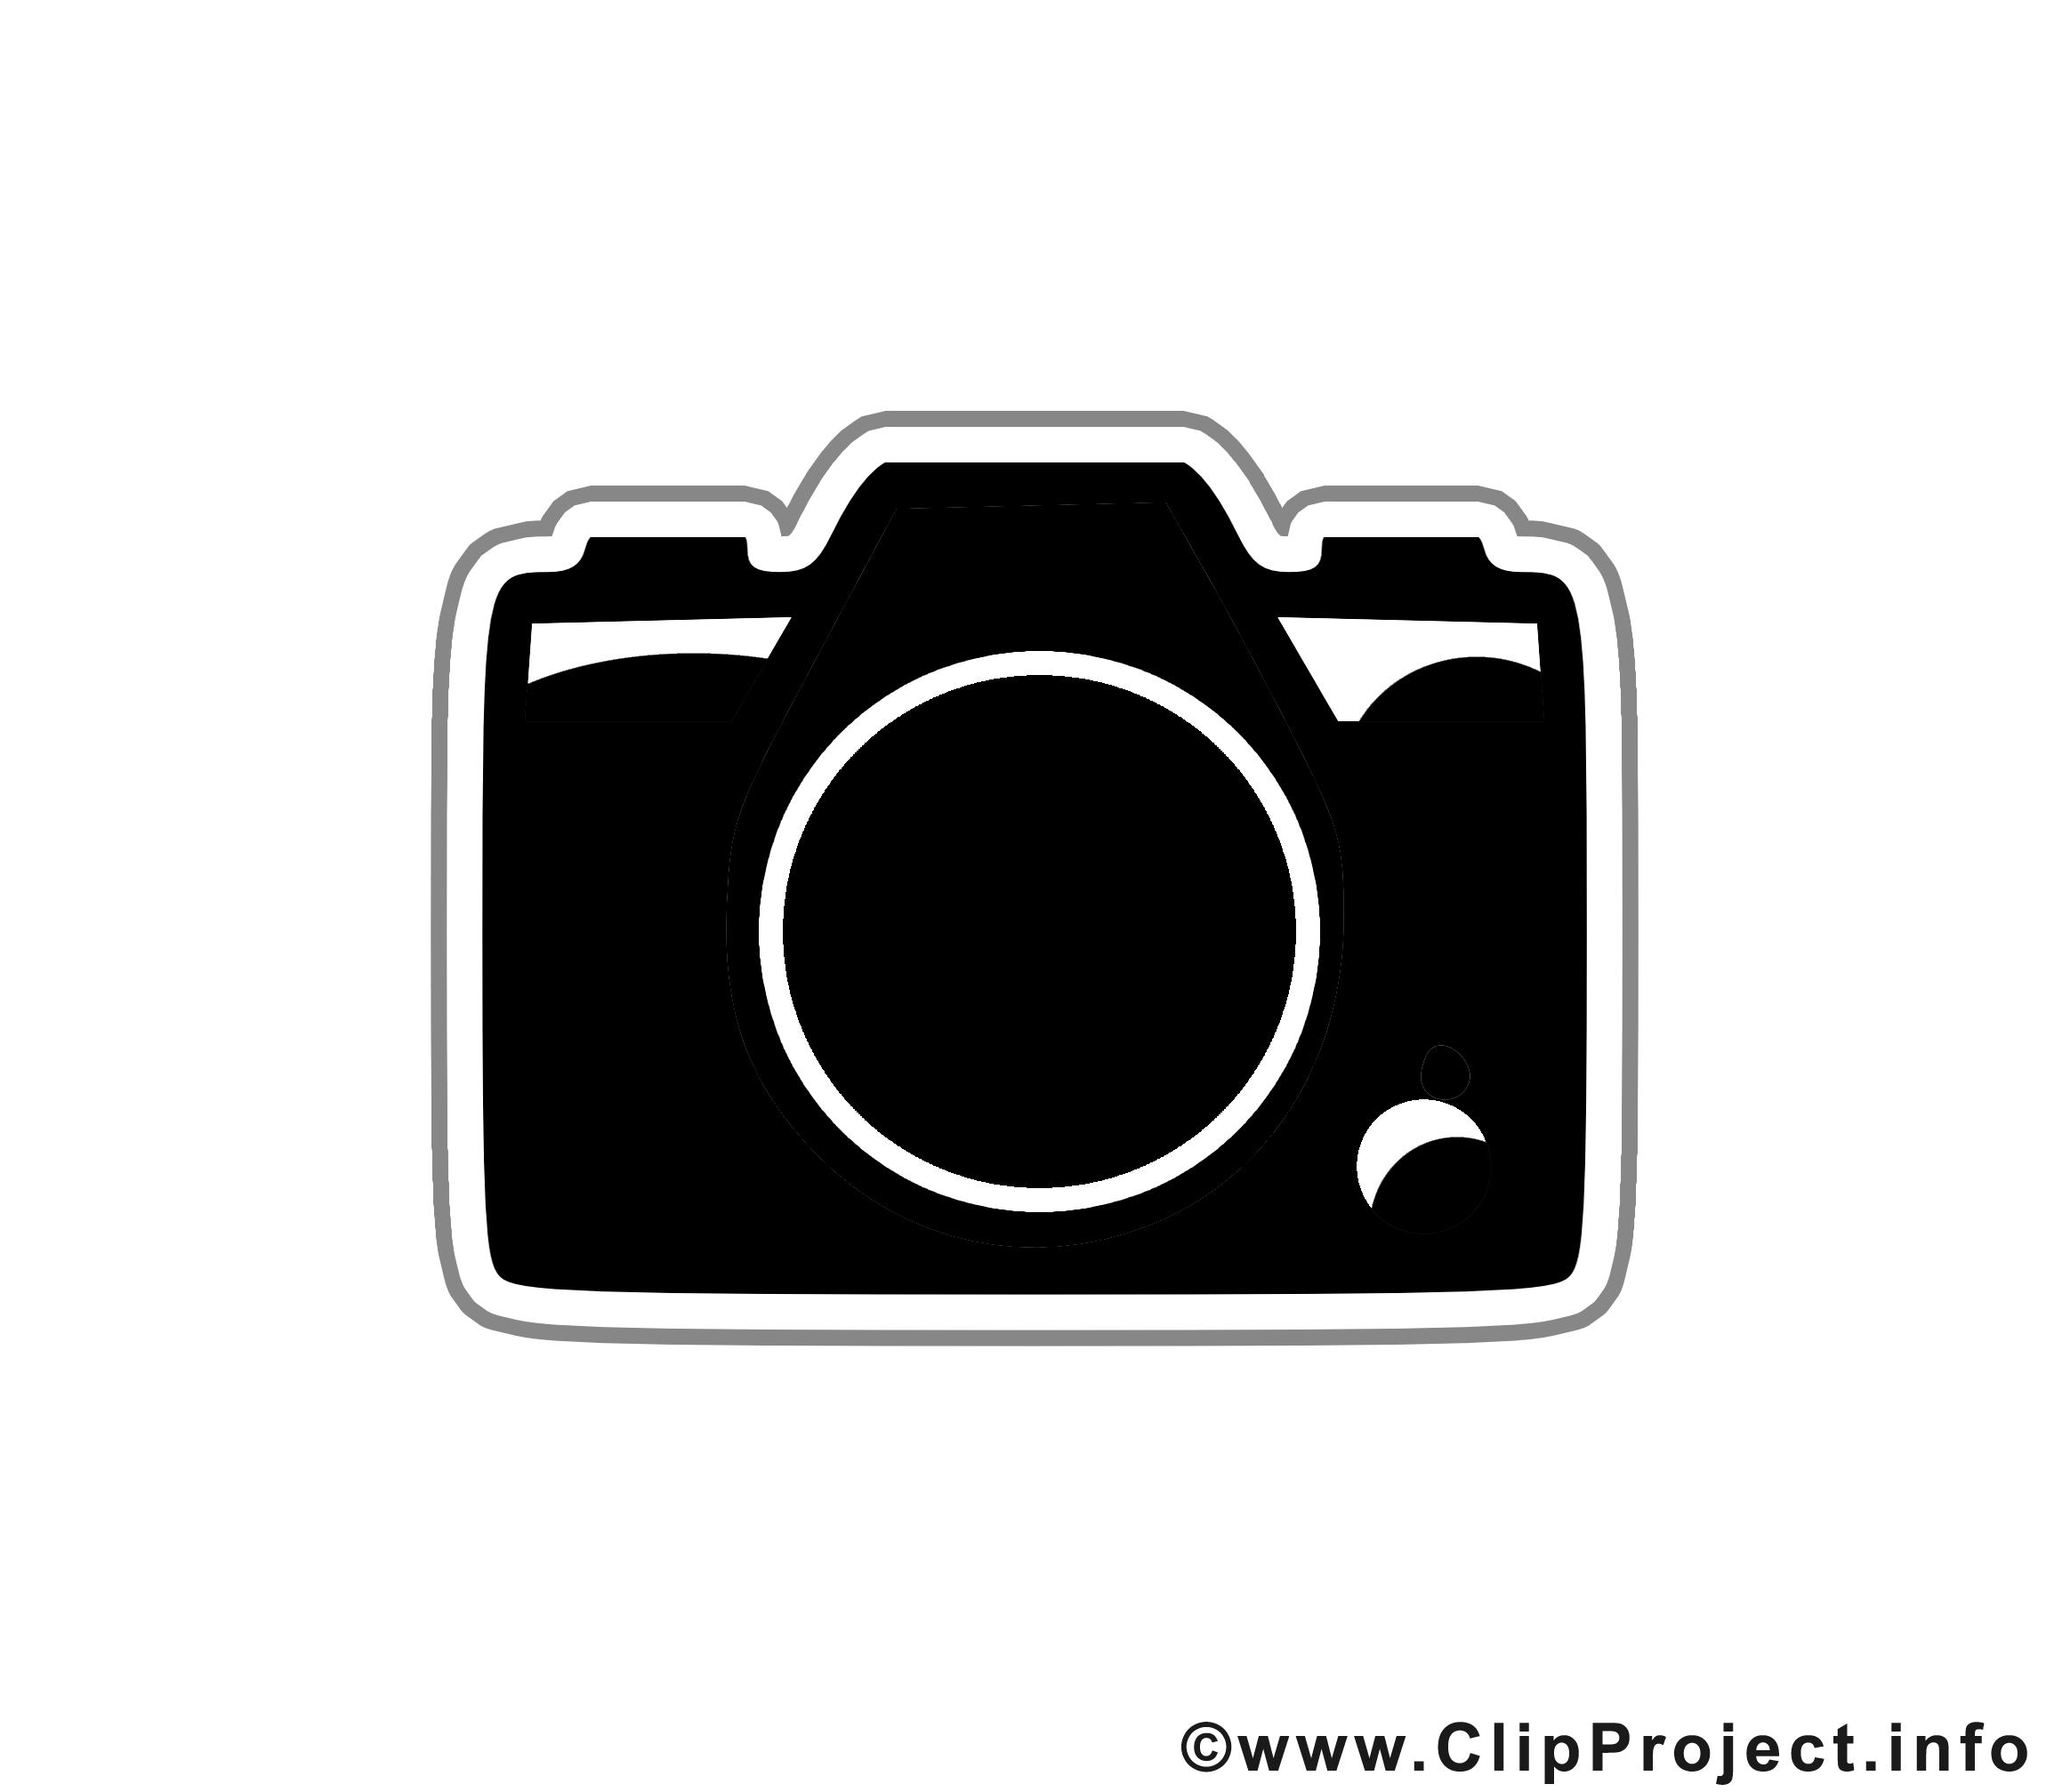 appareil photo image noir et blanc clipart noir et Movie Camera Clip Art clipart camera video surveillance